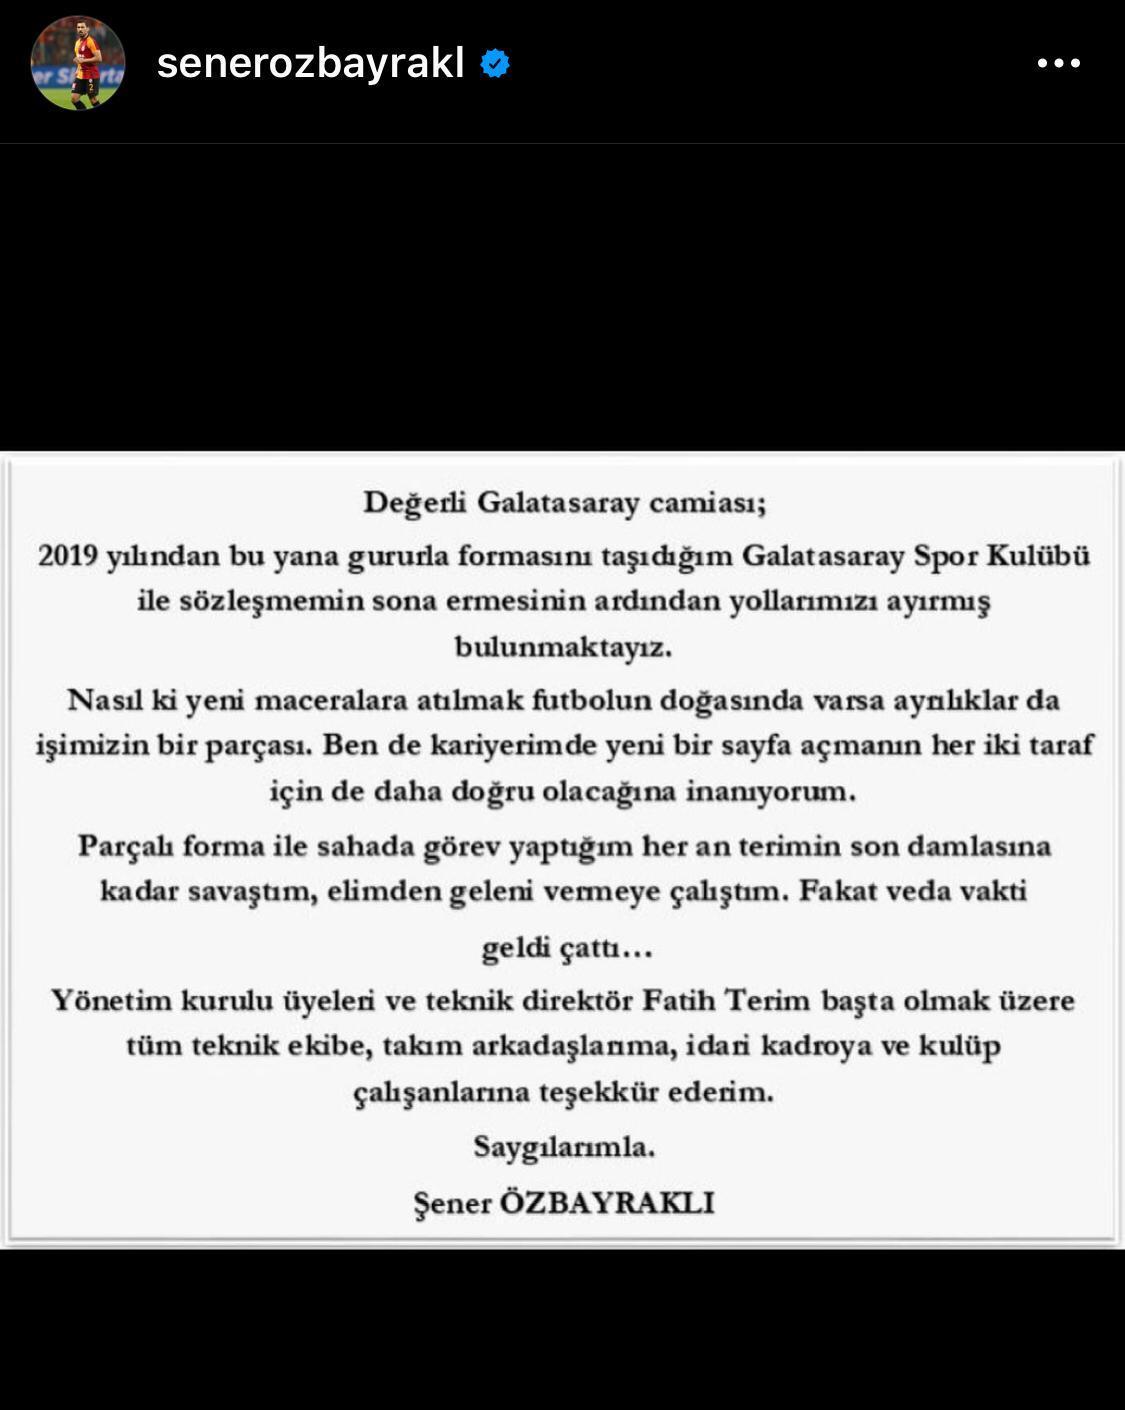 """<p>Şener Özbayraklı """"Ayrılıklar da bu işin parçası"""" diyerek Galatasaray'a veda etti.&nbsp;</p>"""